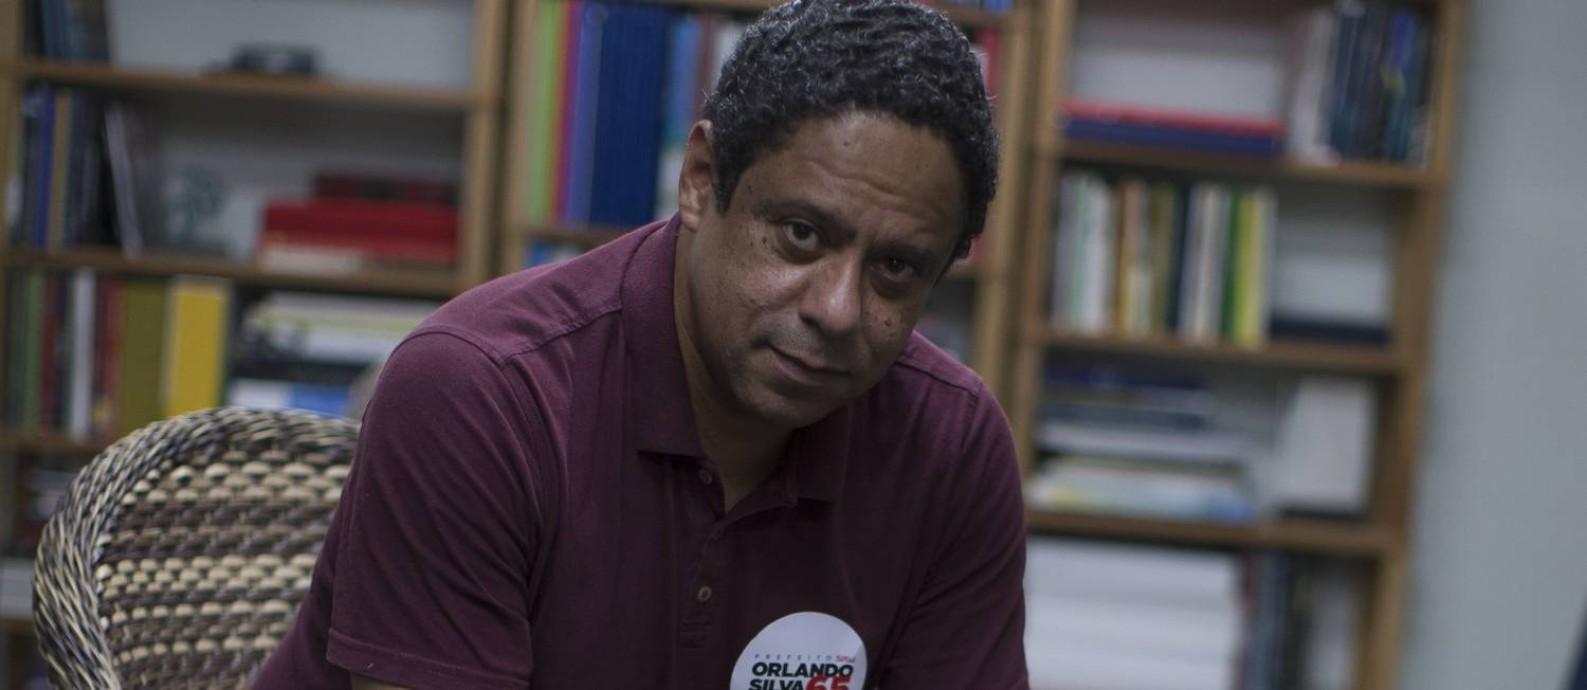 Pelo PCdoB, Orlando Silva disputa a prefeitura de São Paulo Foto: Edilson Dantas / Agência O Globo